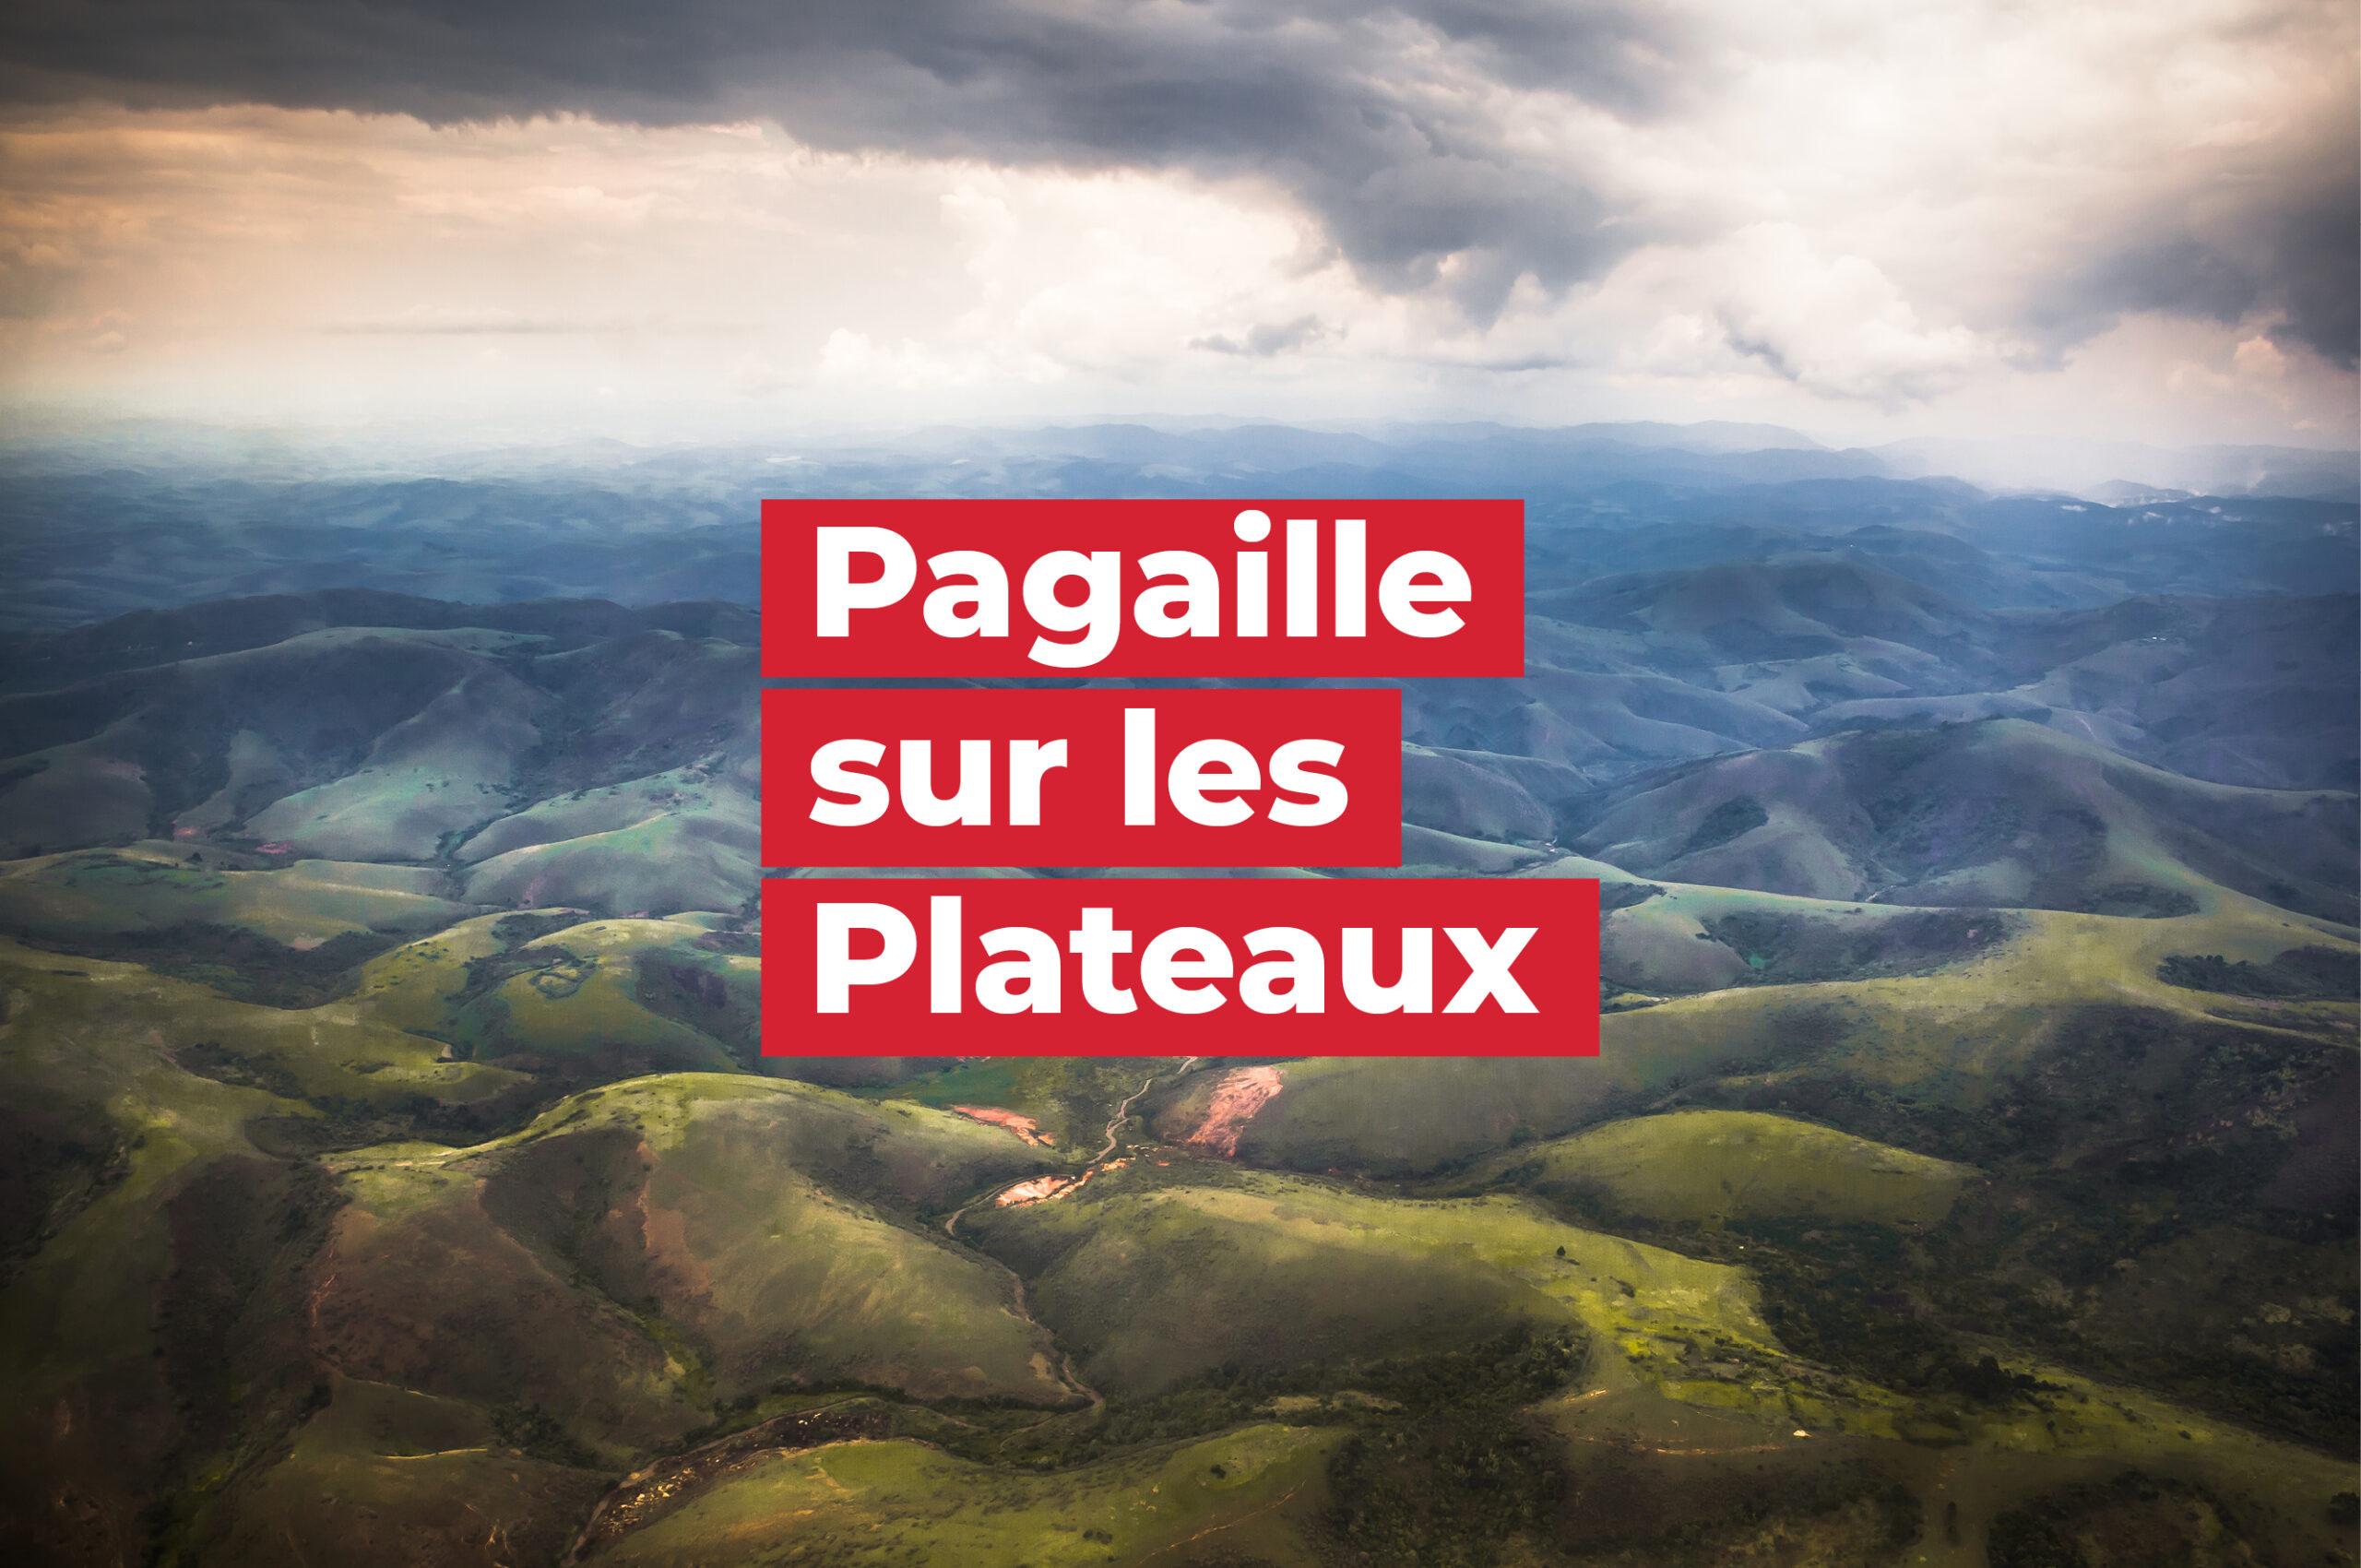 05_GIC_Pagaille sur les Plateaux_2